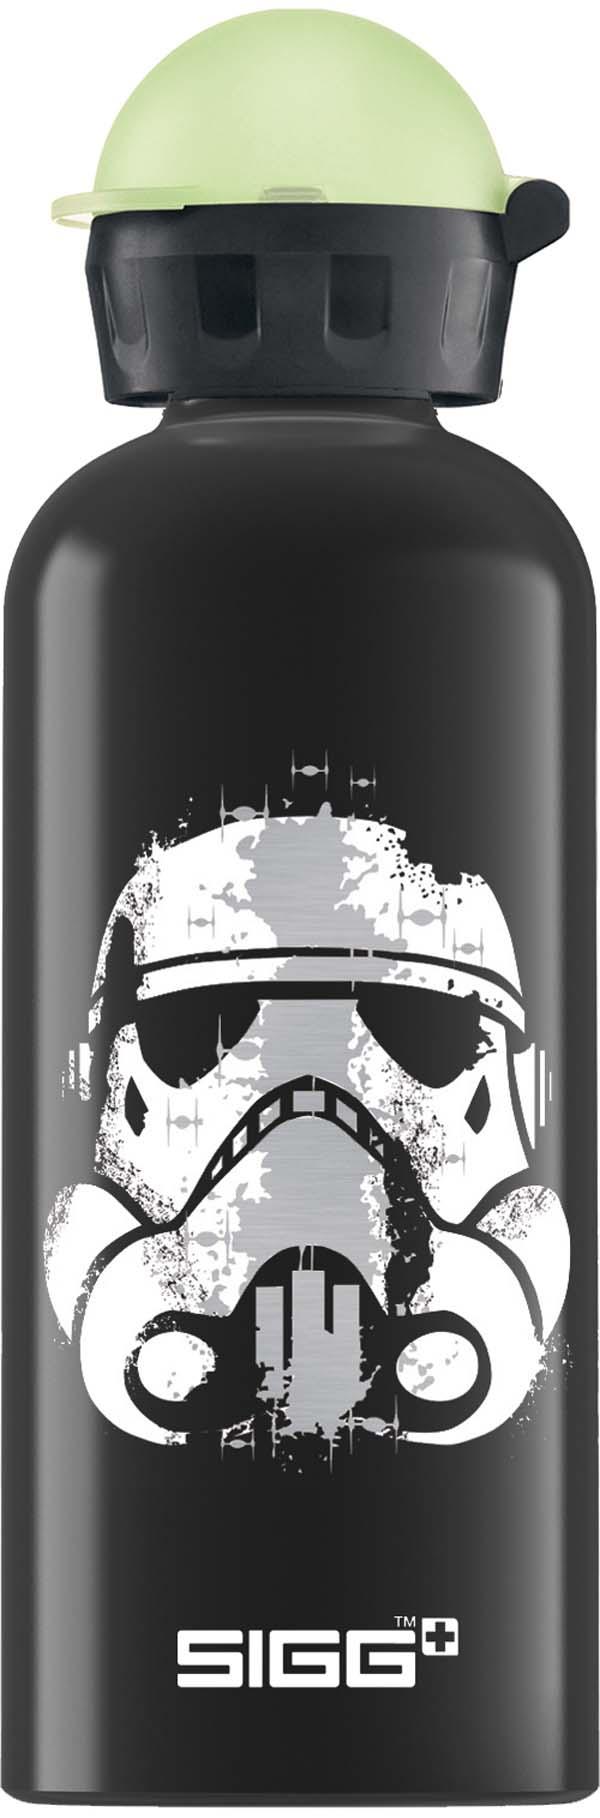 Sigg Kinder Trinkflasche 0,6 l Star Wars Rebel